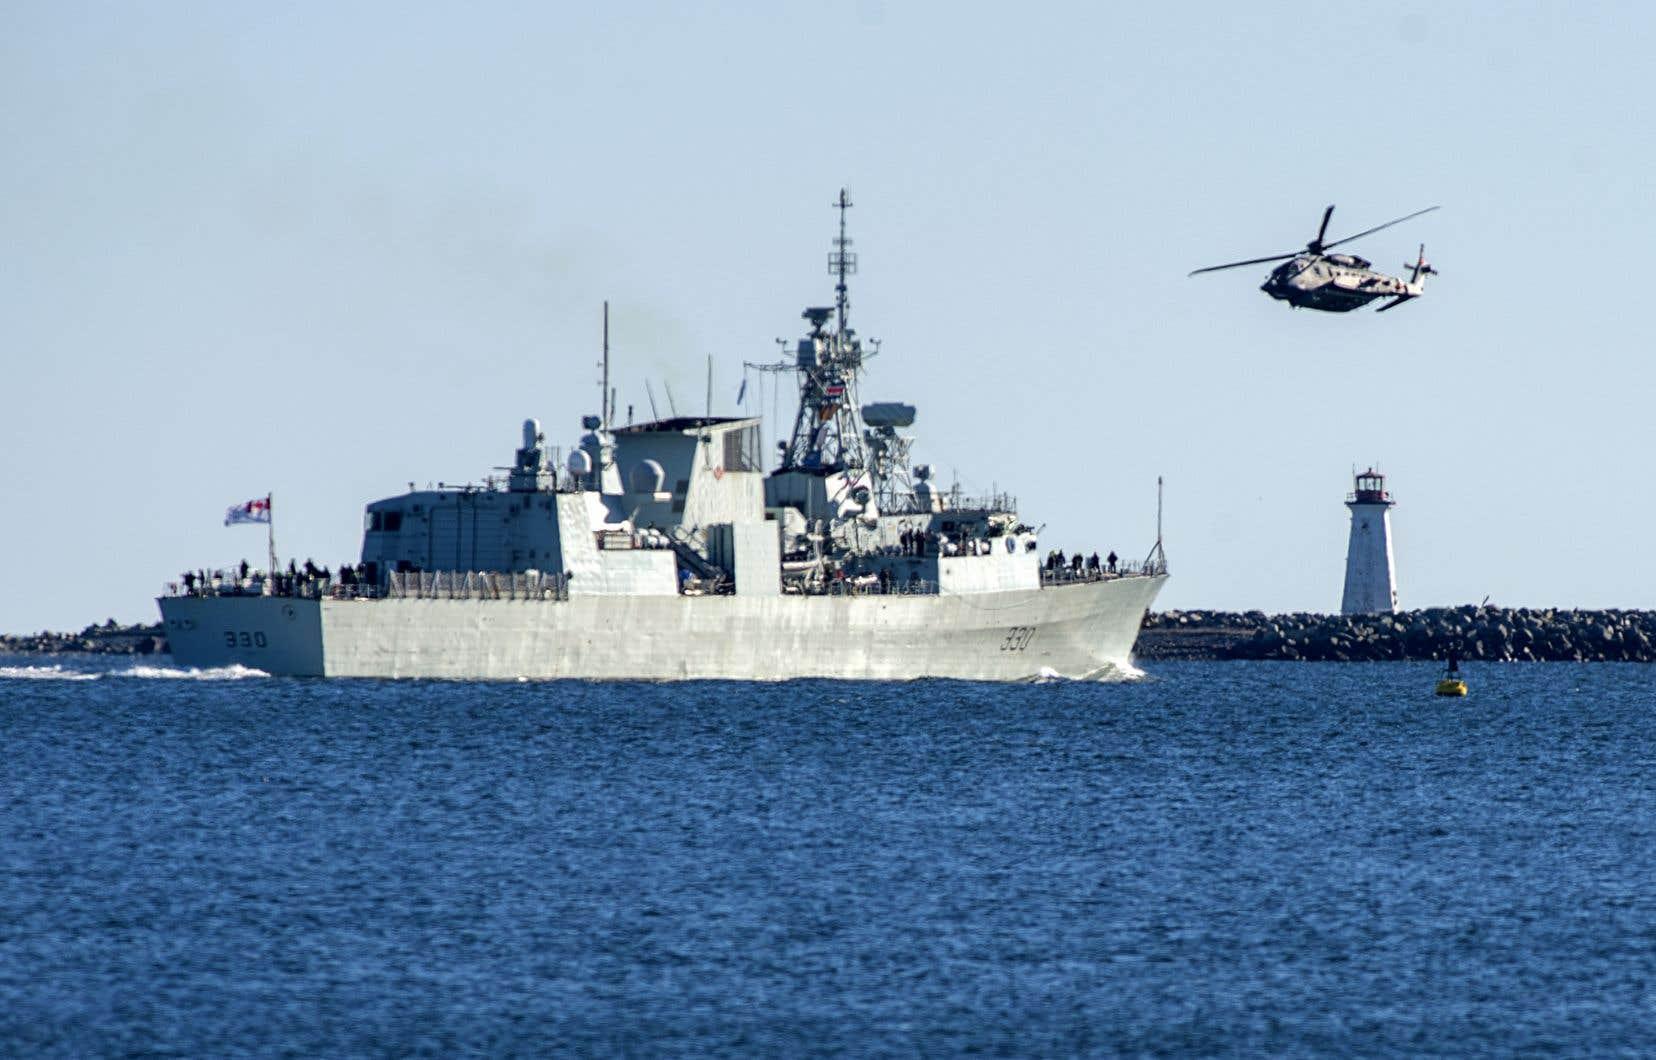 La frégate NCSM Halifax au moment où elle quittait le port d'Halifax, le 1er janvier dernier, en route vers un déploiement de six mois dans la mer Méditerranée.